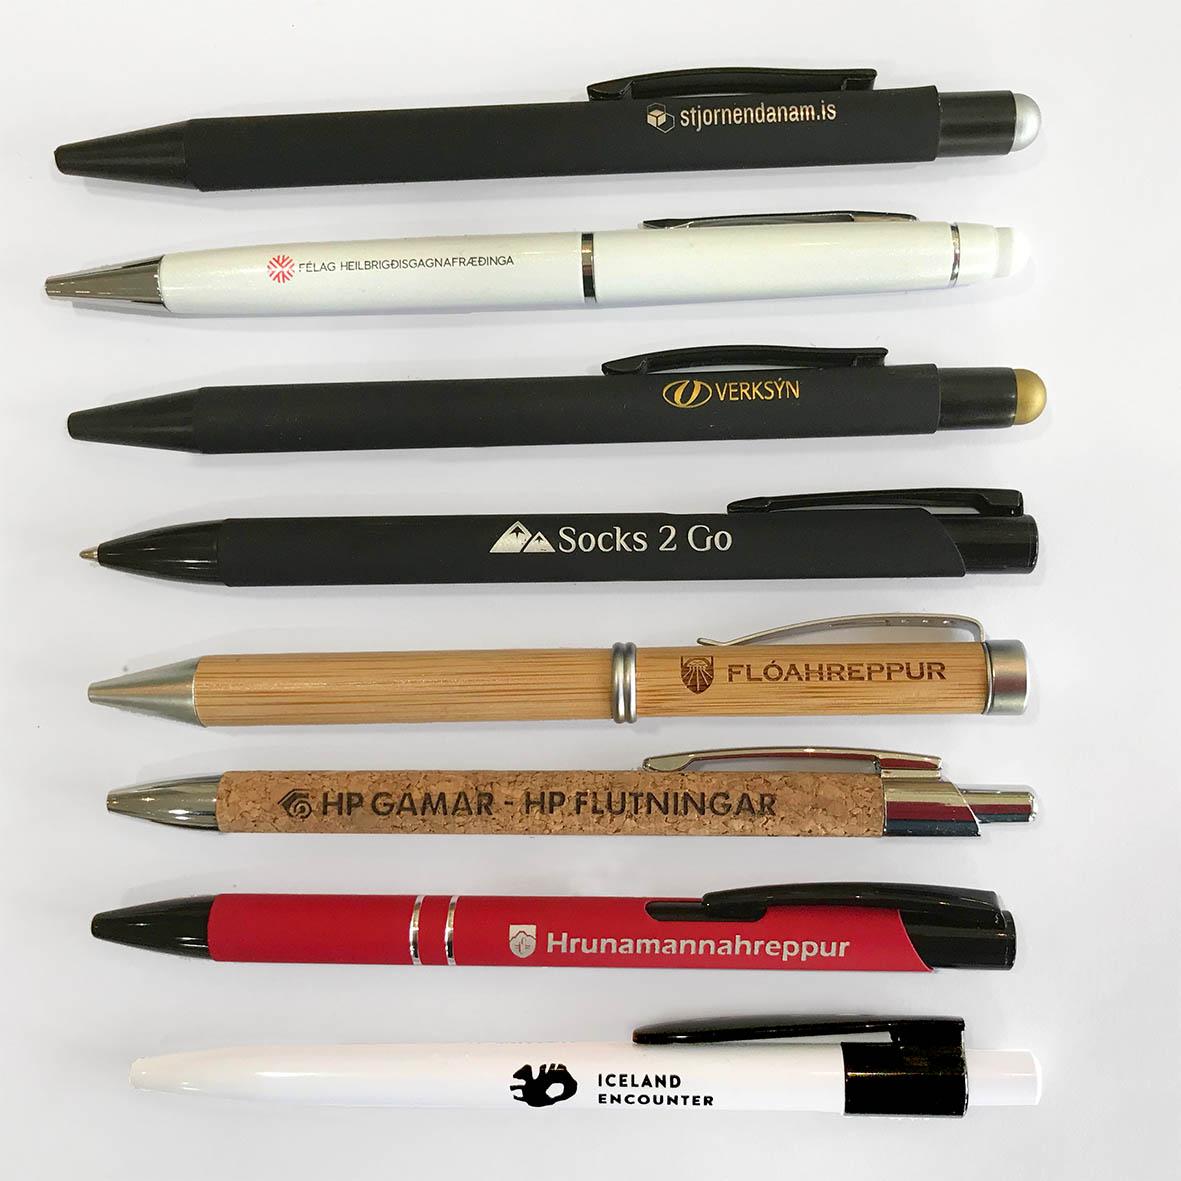 pennar með sérmerkingu